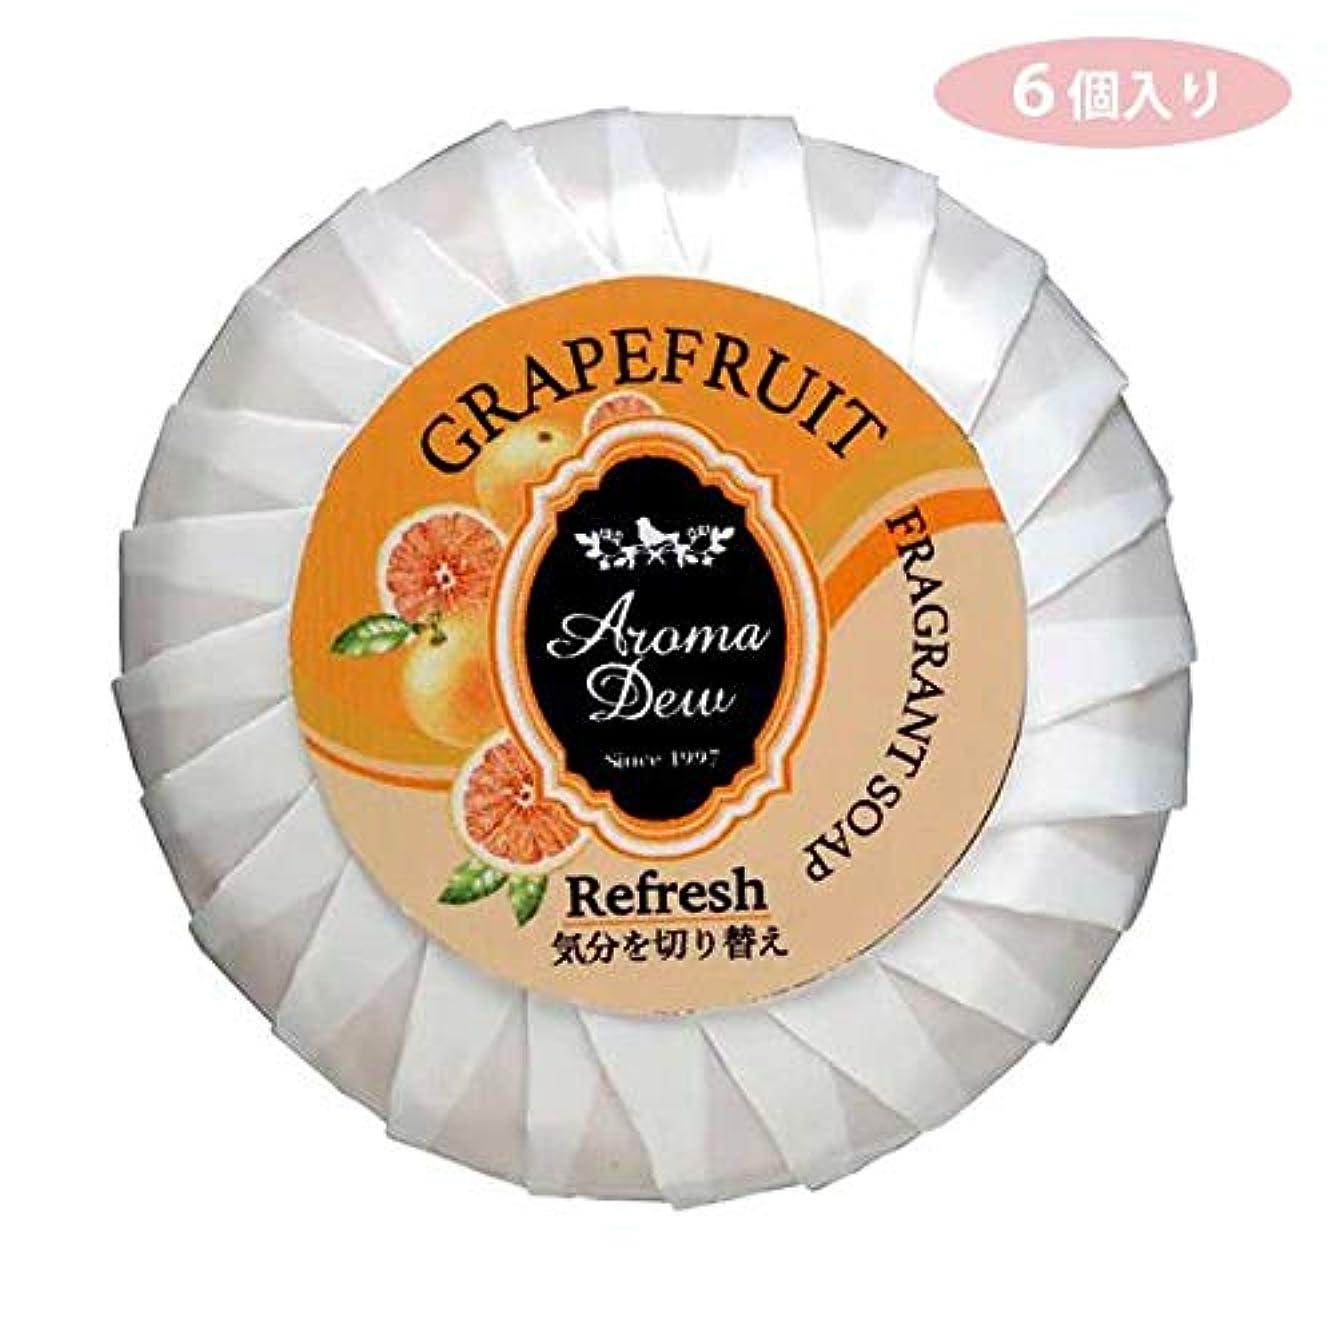 アイデア中古道徳のAM-F3GF 6個入り アロマデュウ フレグラントソープ グレープフルーツ